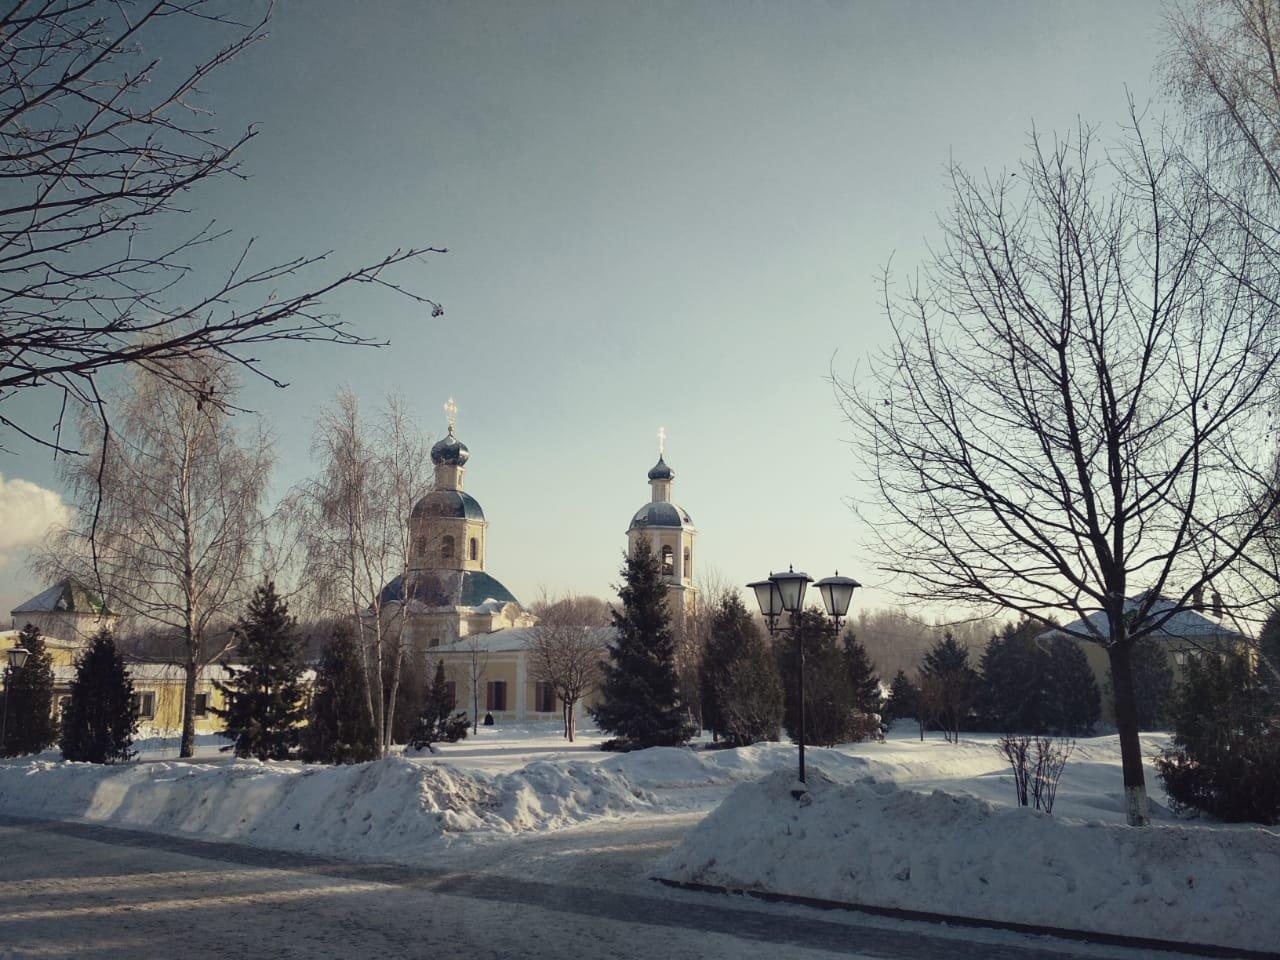 Храм апостолов Петра и Павла в Москве. Подворье Оптиной Пустыни